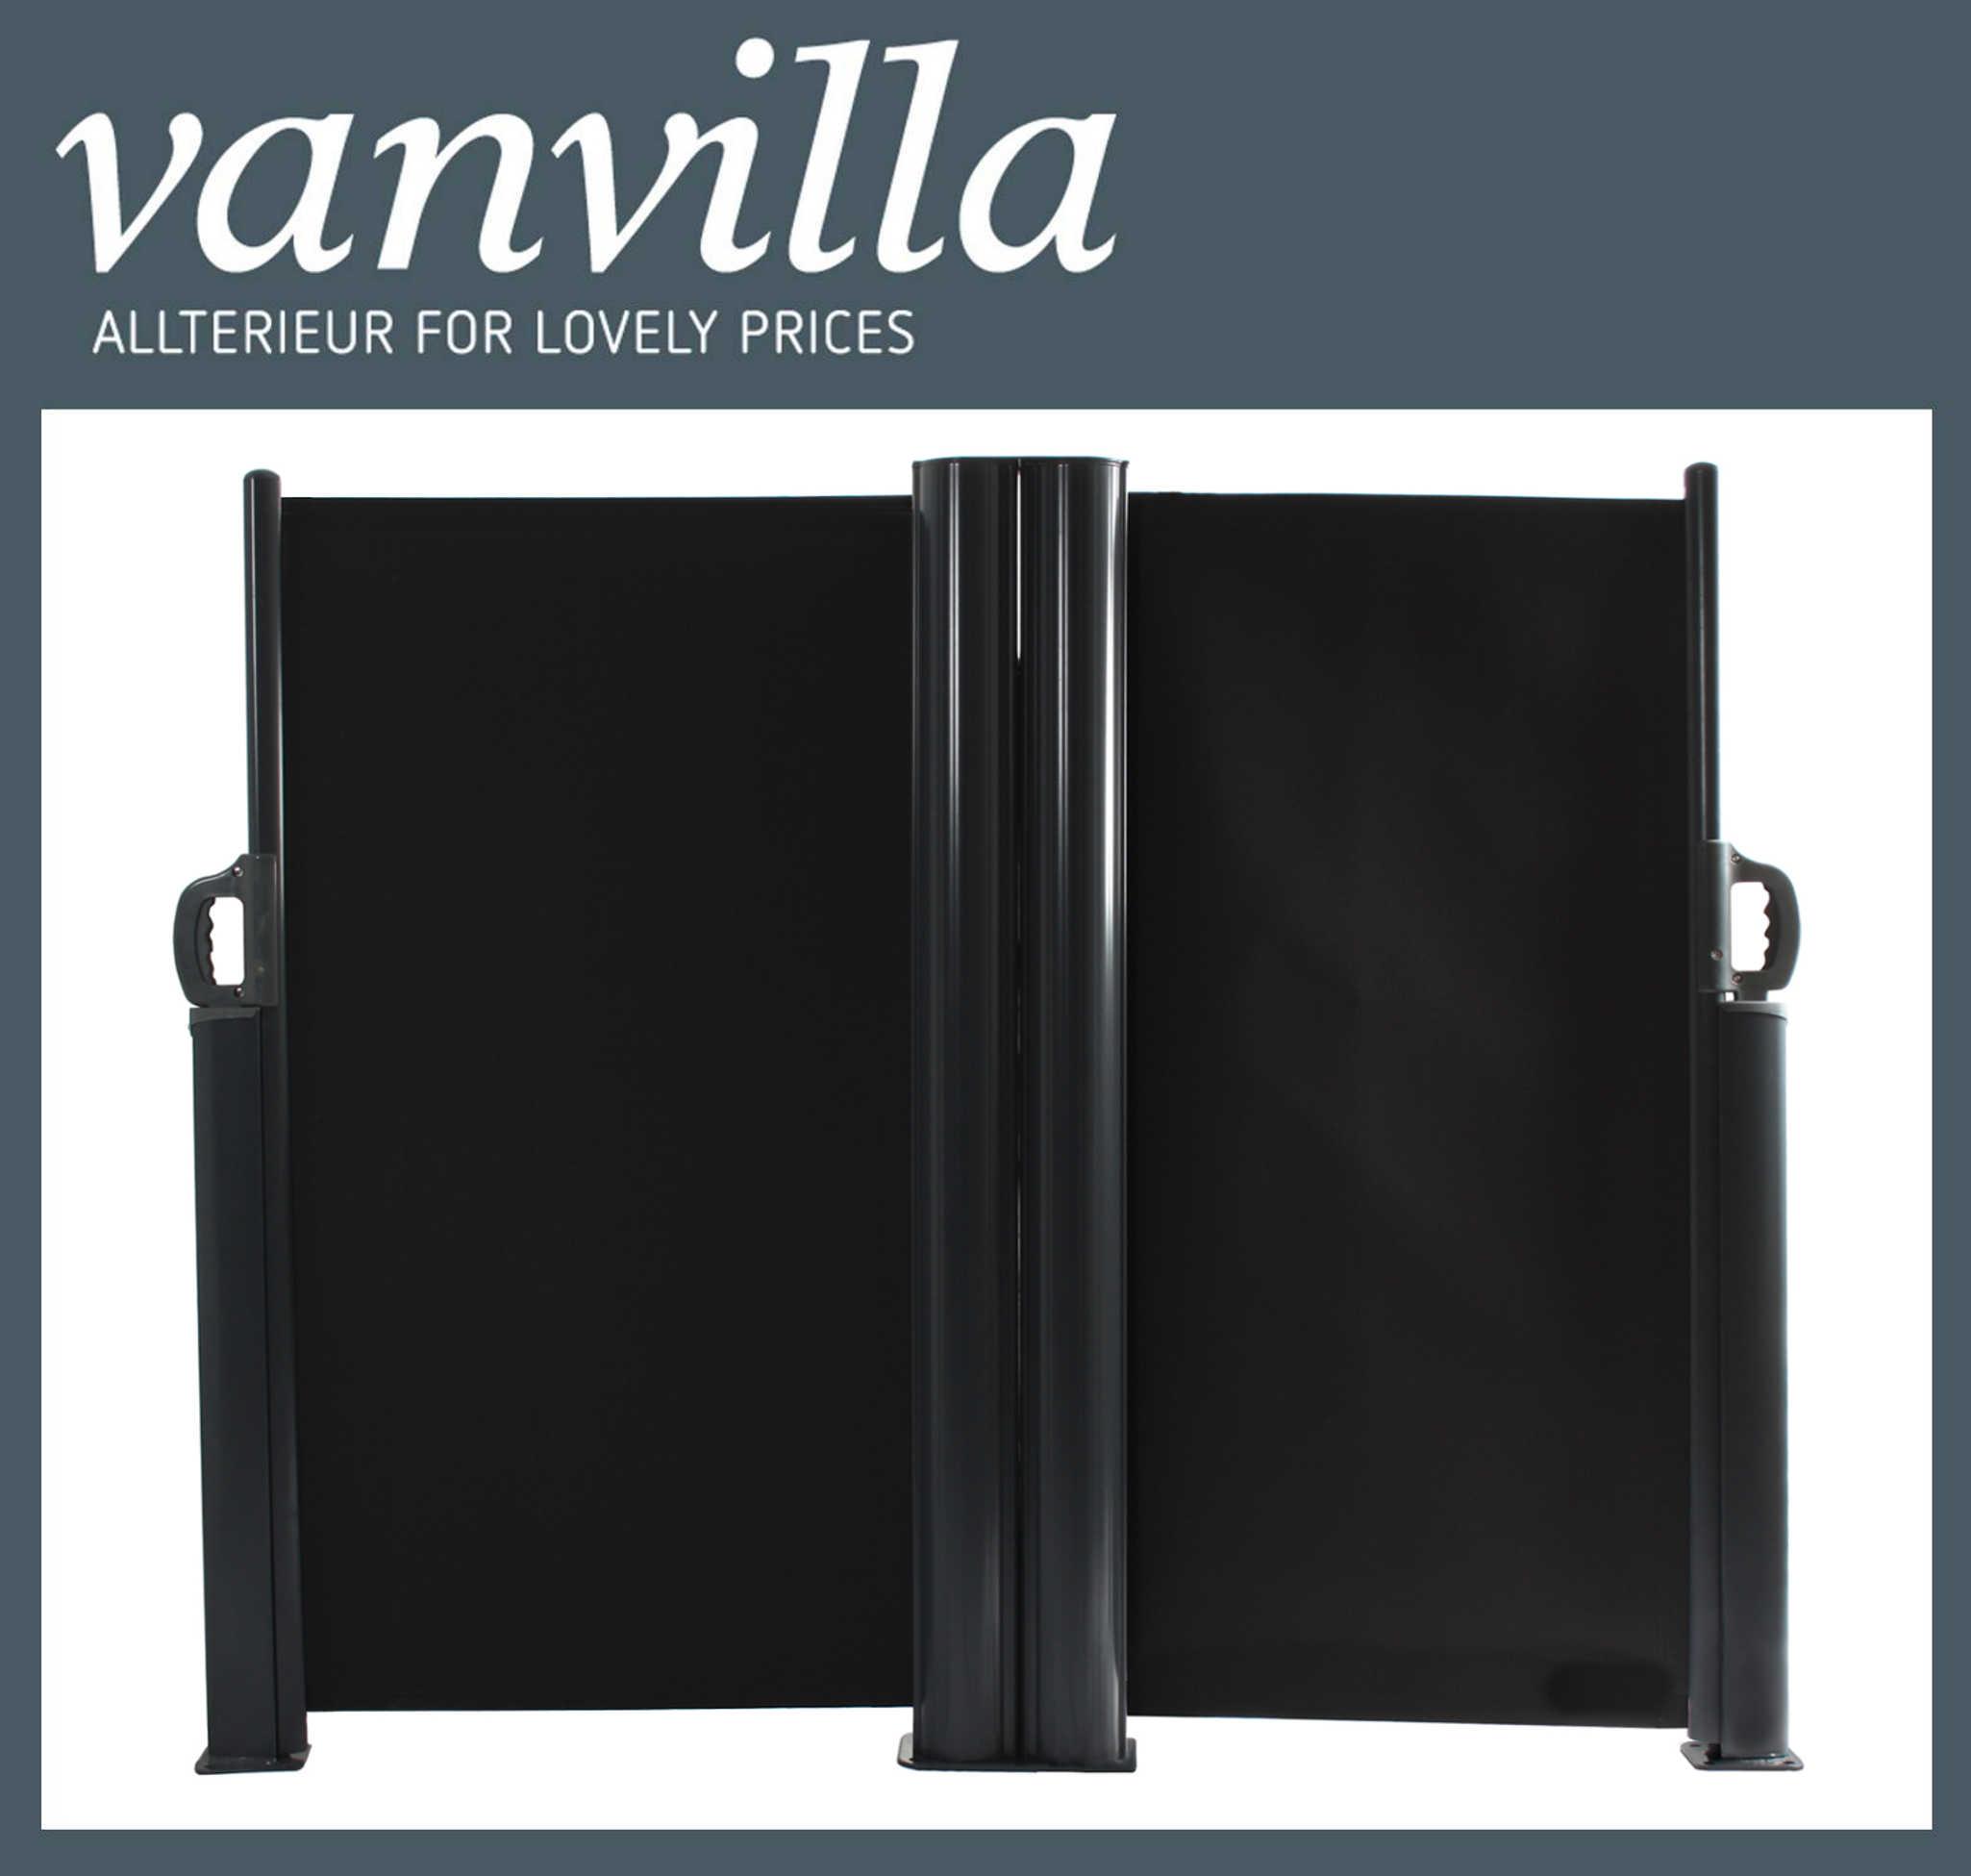 vanvilla Seitenmarkise 120cm x 600cm, Doppel, Anthrazitgrau RAL 7016